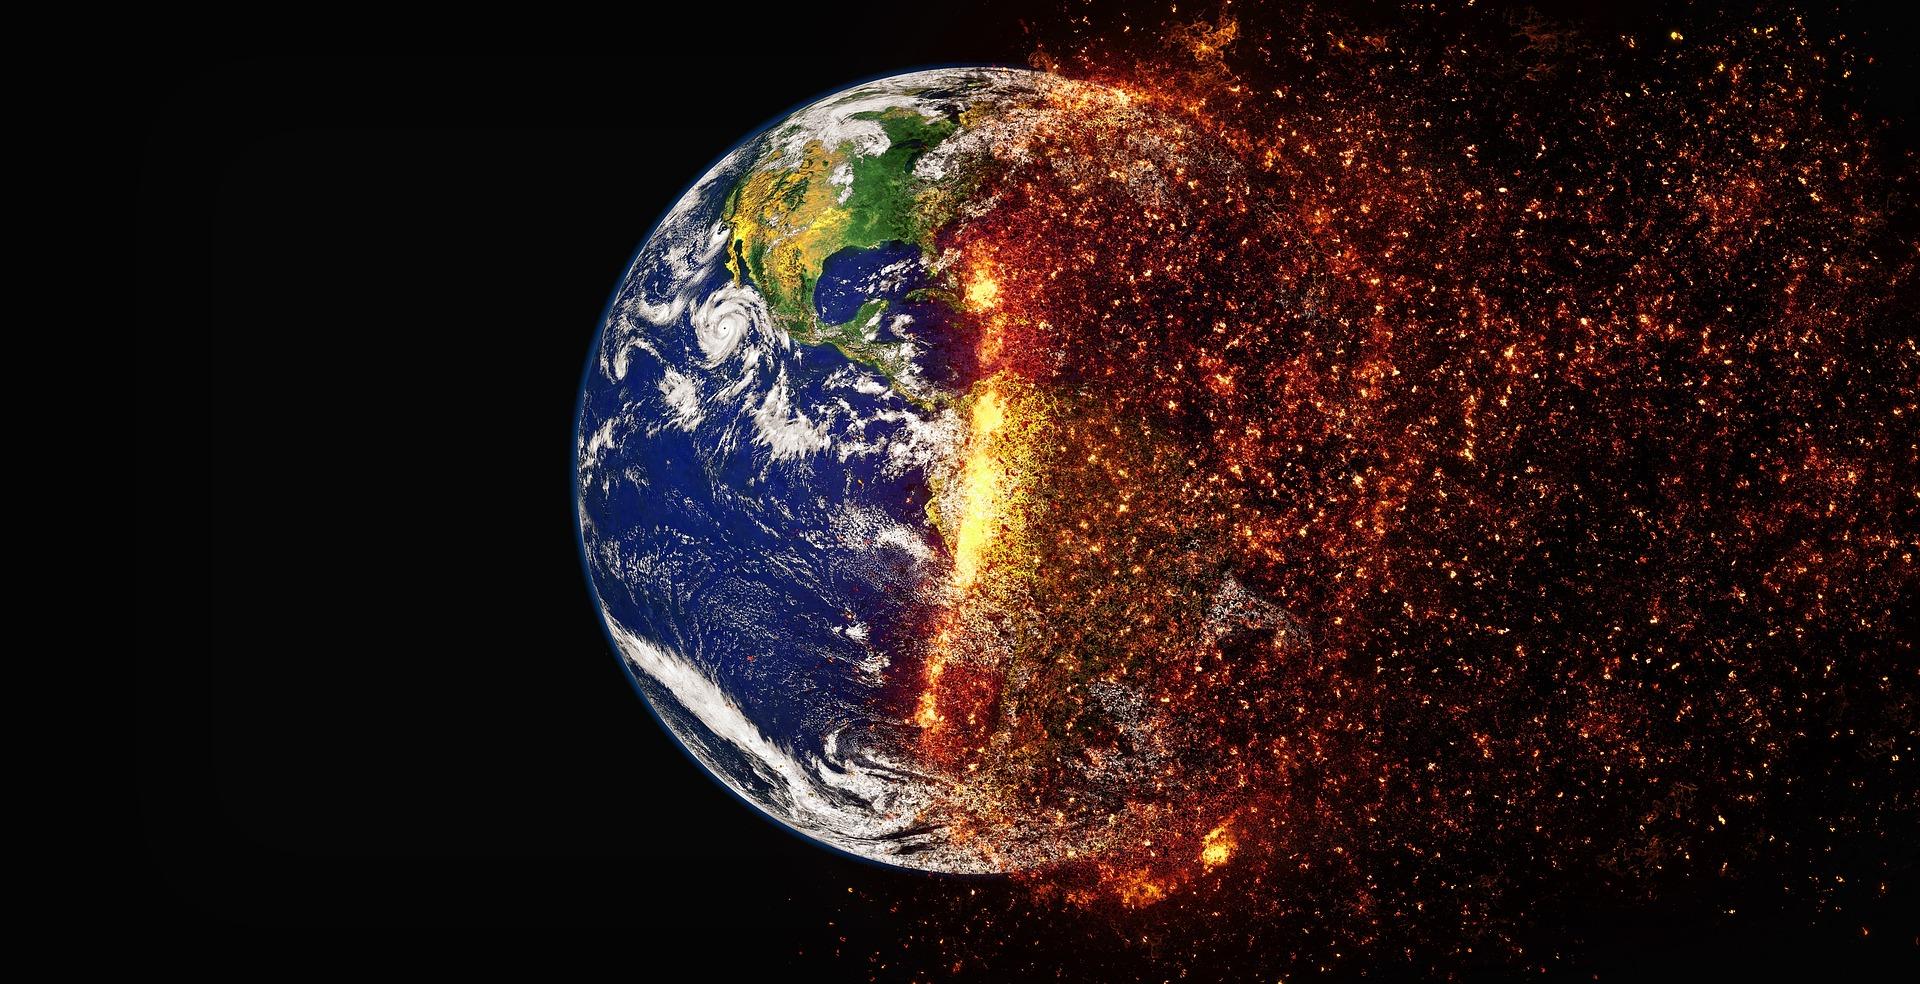 В ООН рассказали, какие проблемы нужно решить, чтобы предотвратить гибель человечества